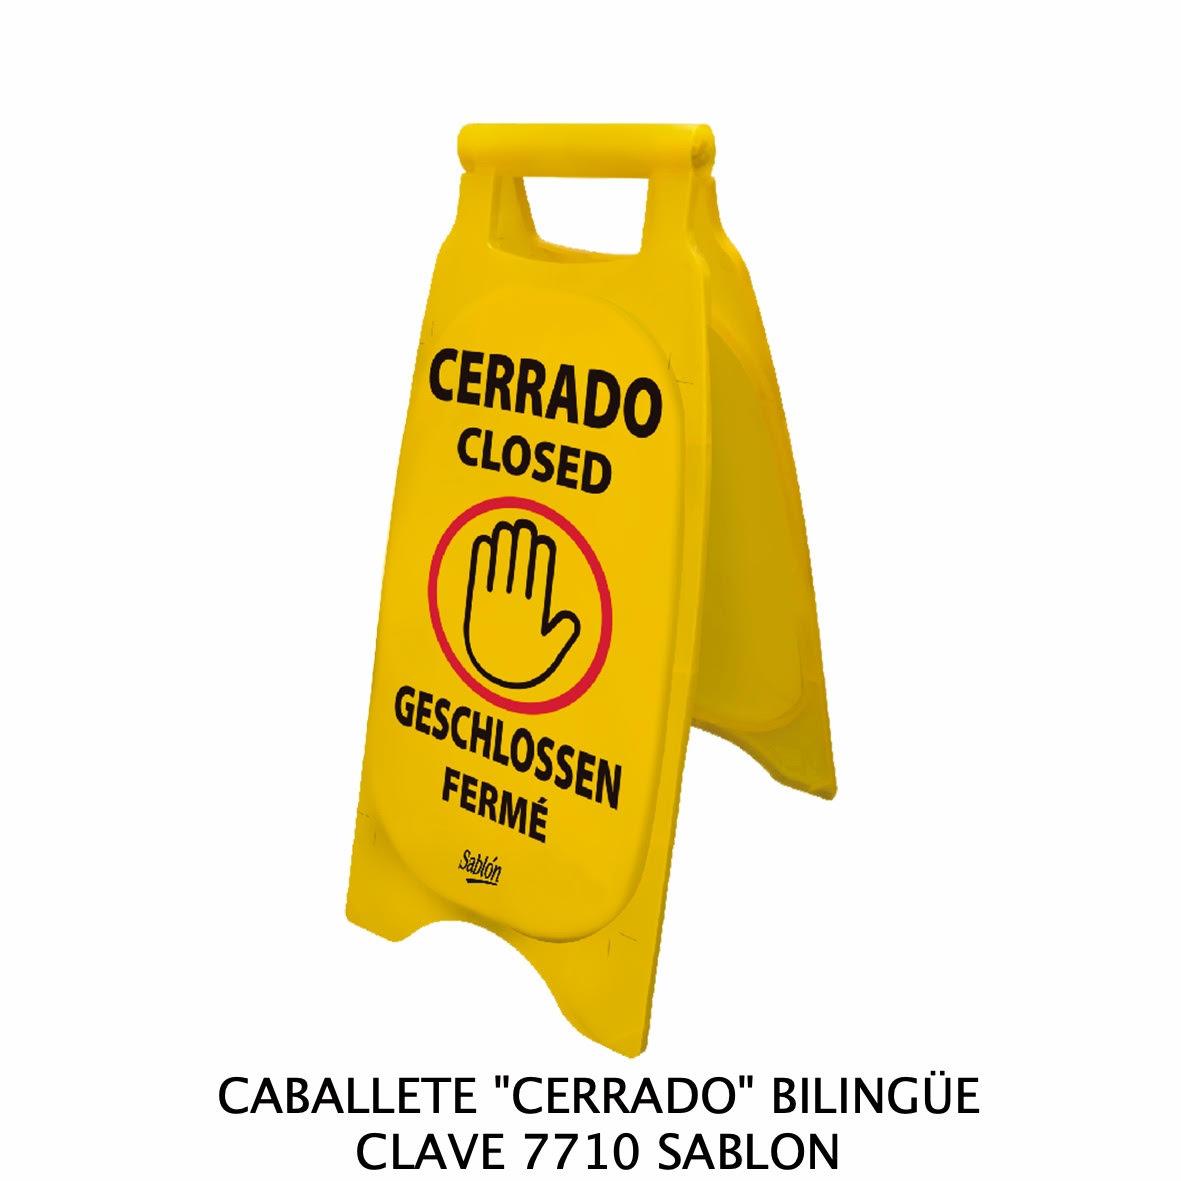 Caballete con señal CERRADO EN INGLÉS Y ESPAÑOL Clave 7710 de Sablón